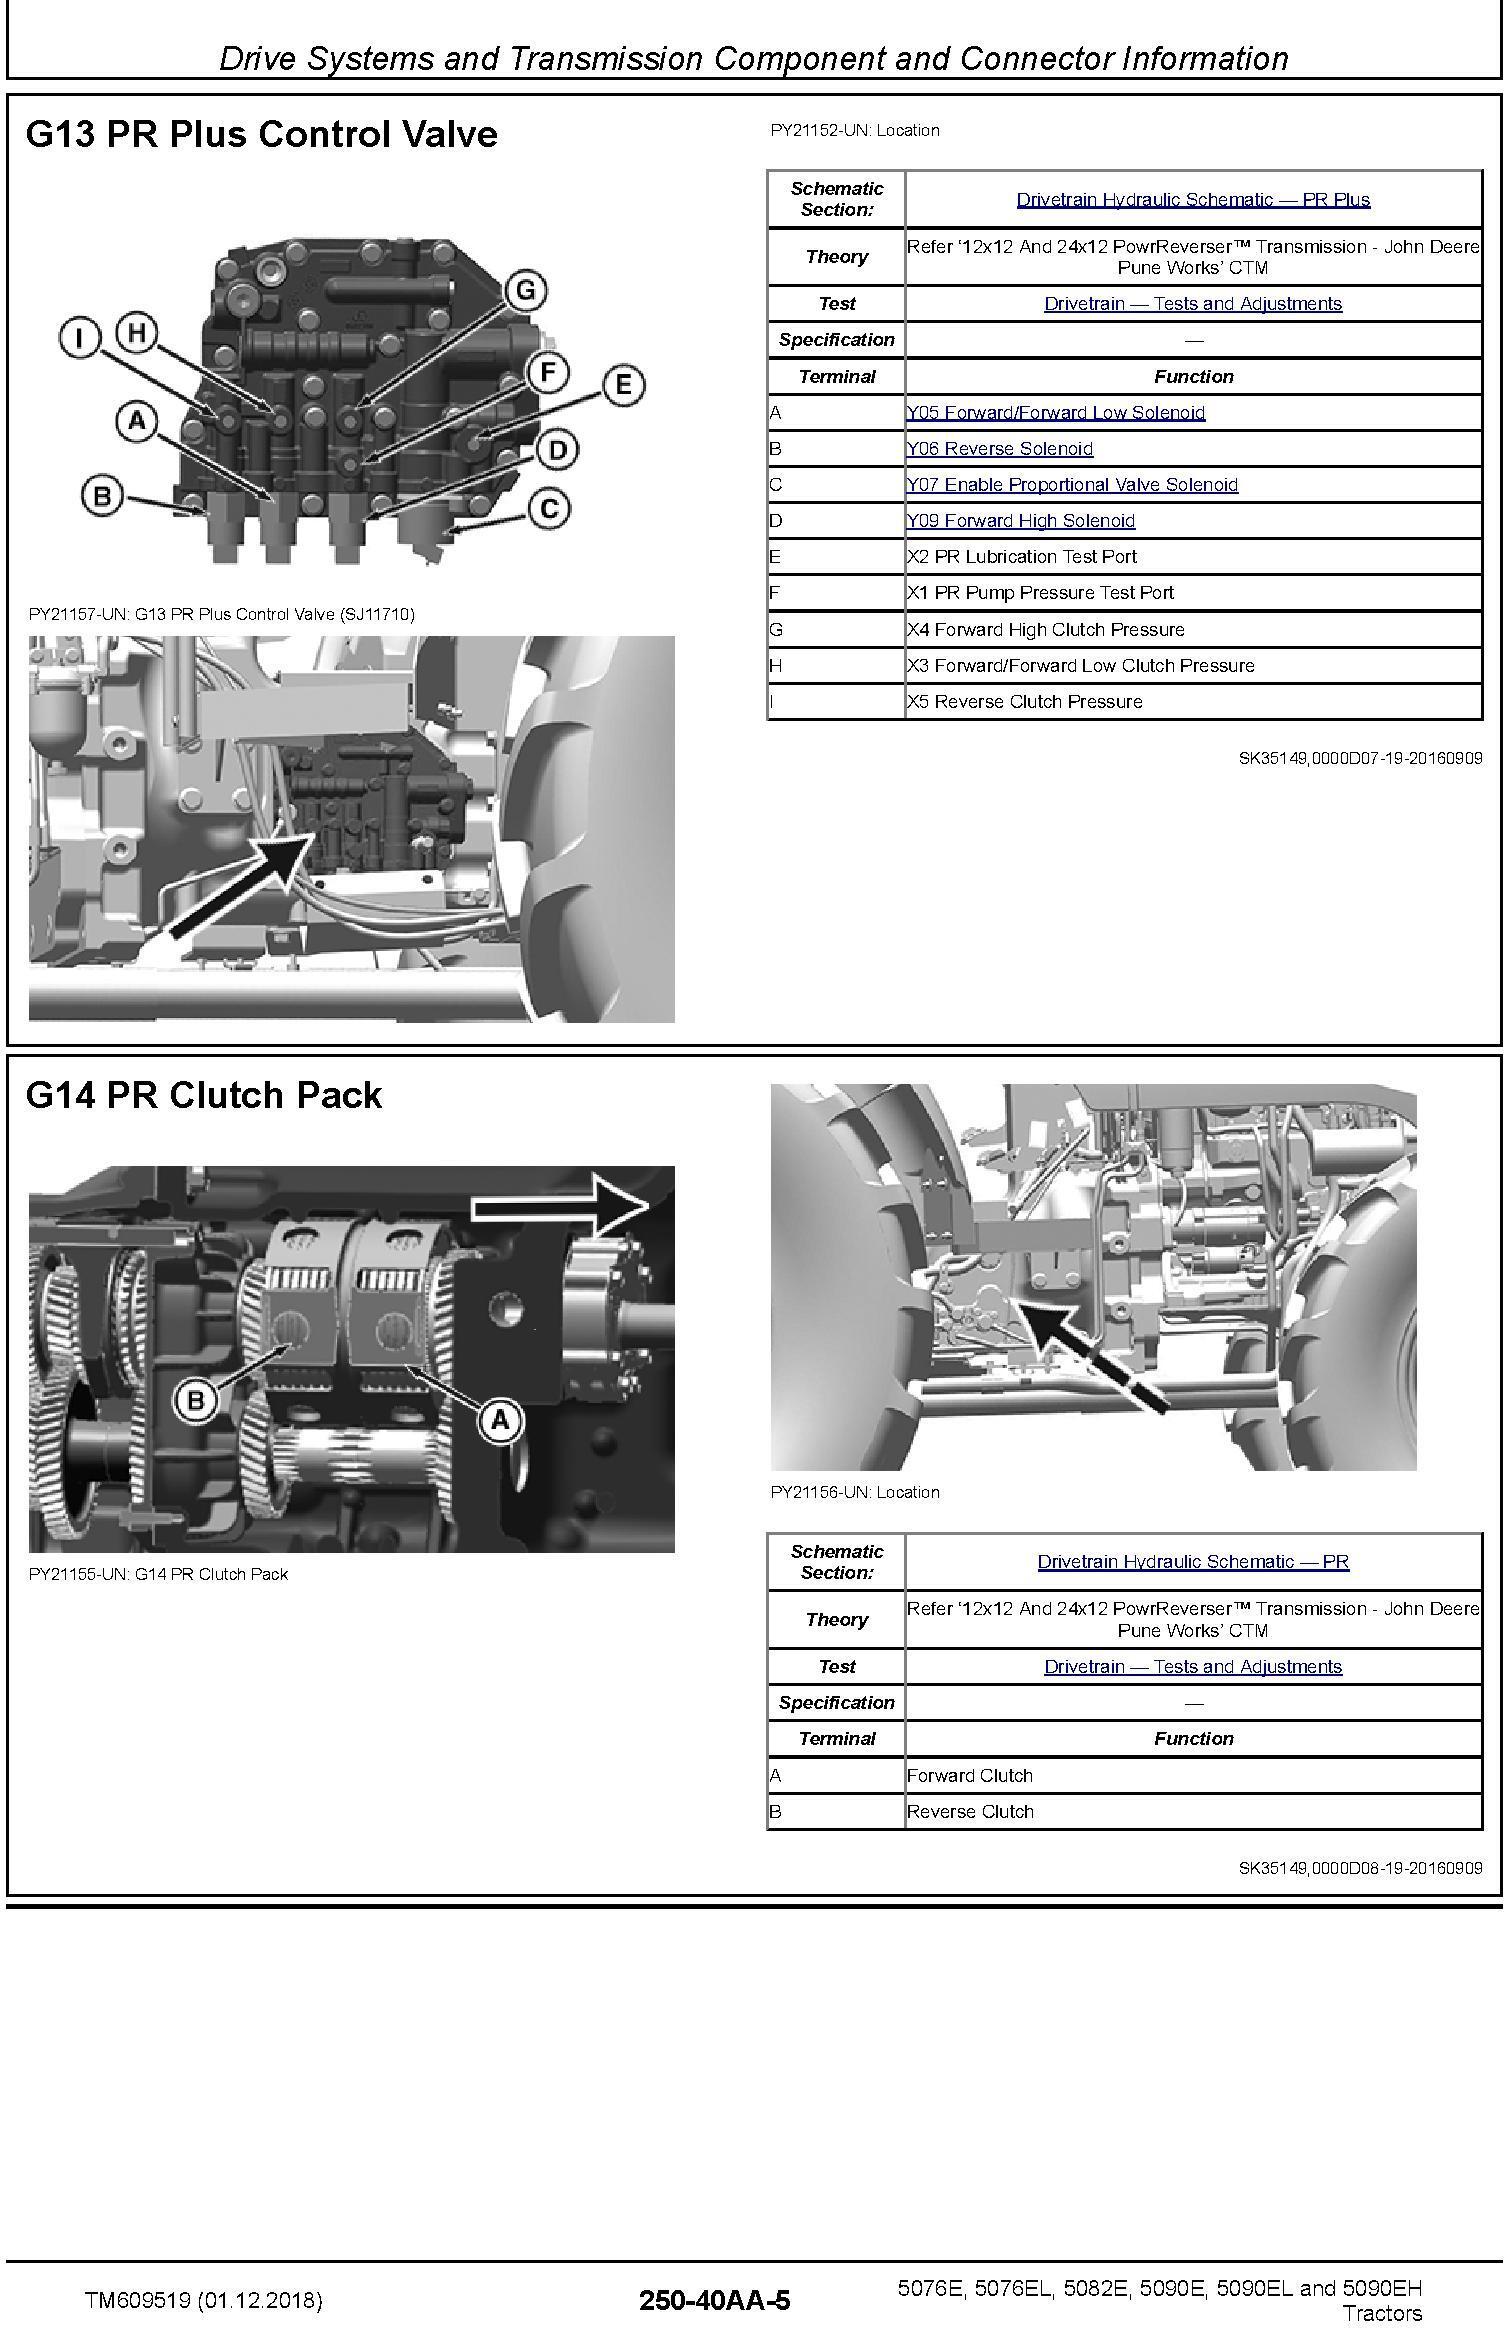 John Deere 5076E,5076EL, 5082E, 5090E, 5090EL,5090EH Tractors Diagnostic Technical Manual (TM609519) - 1